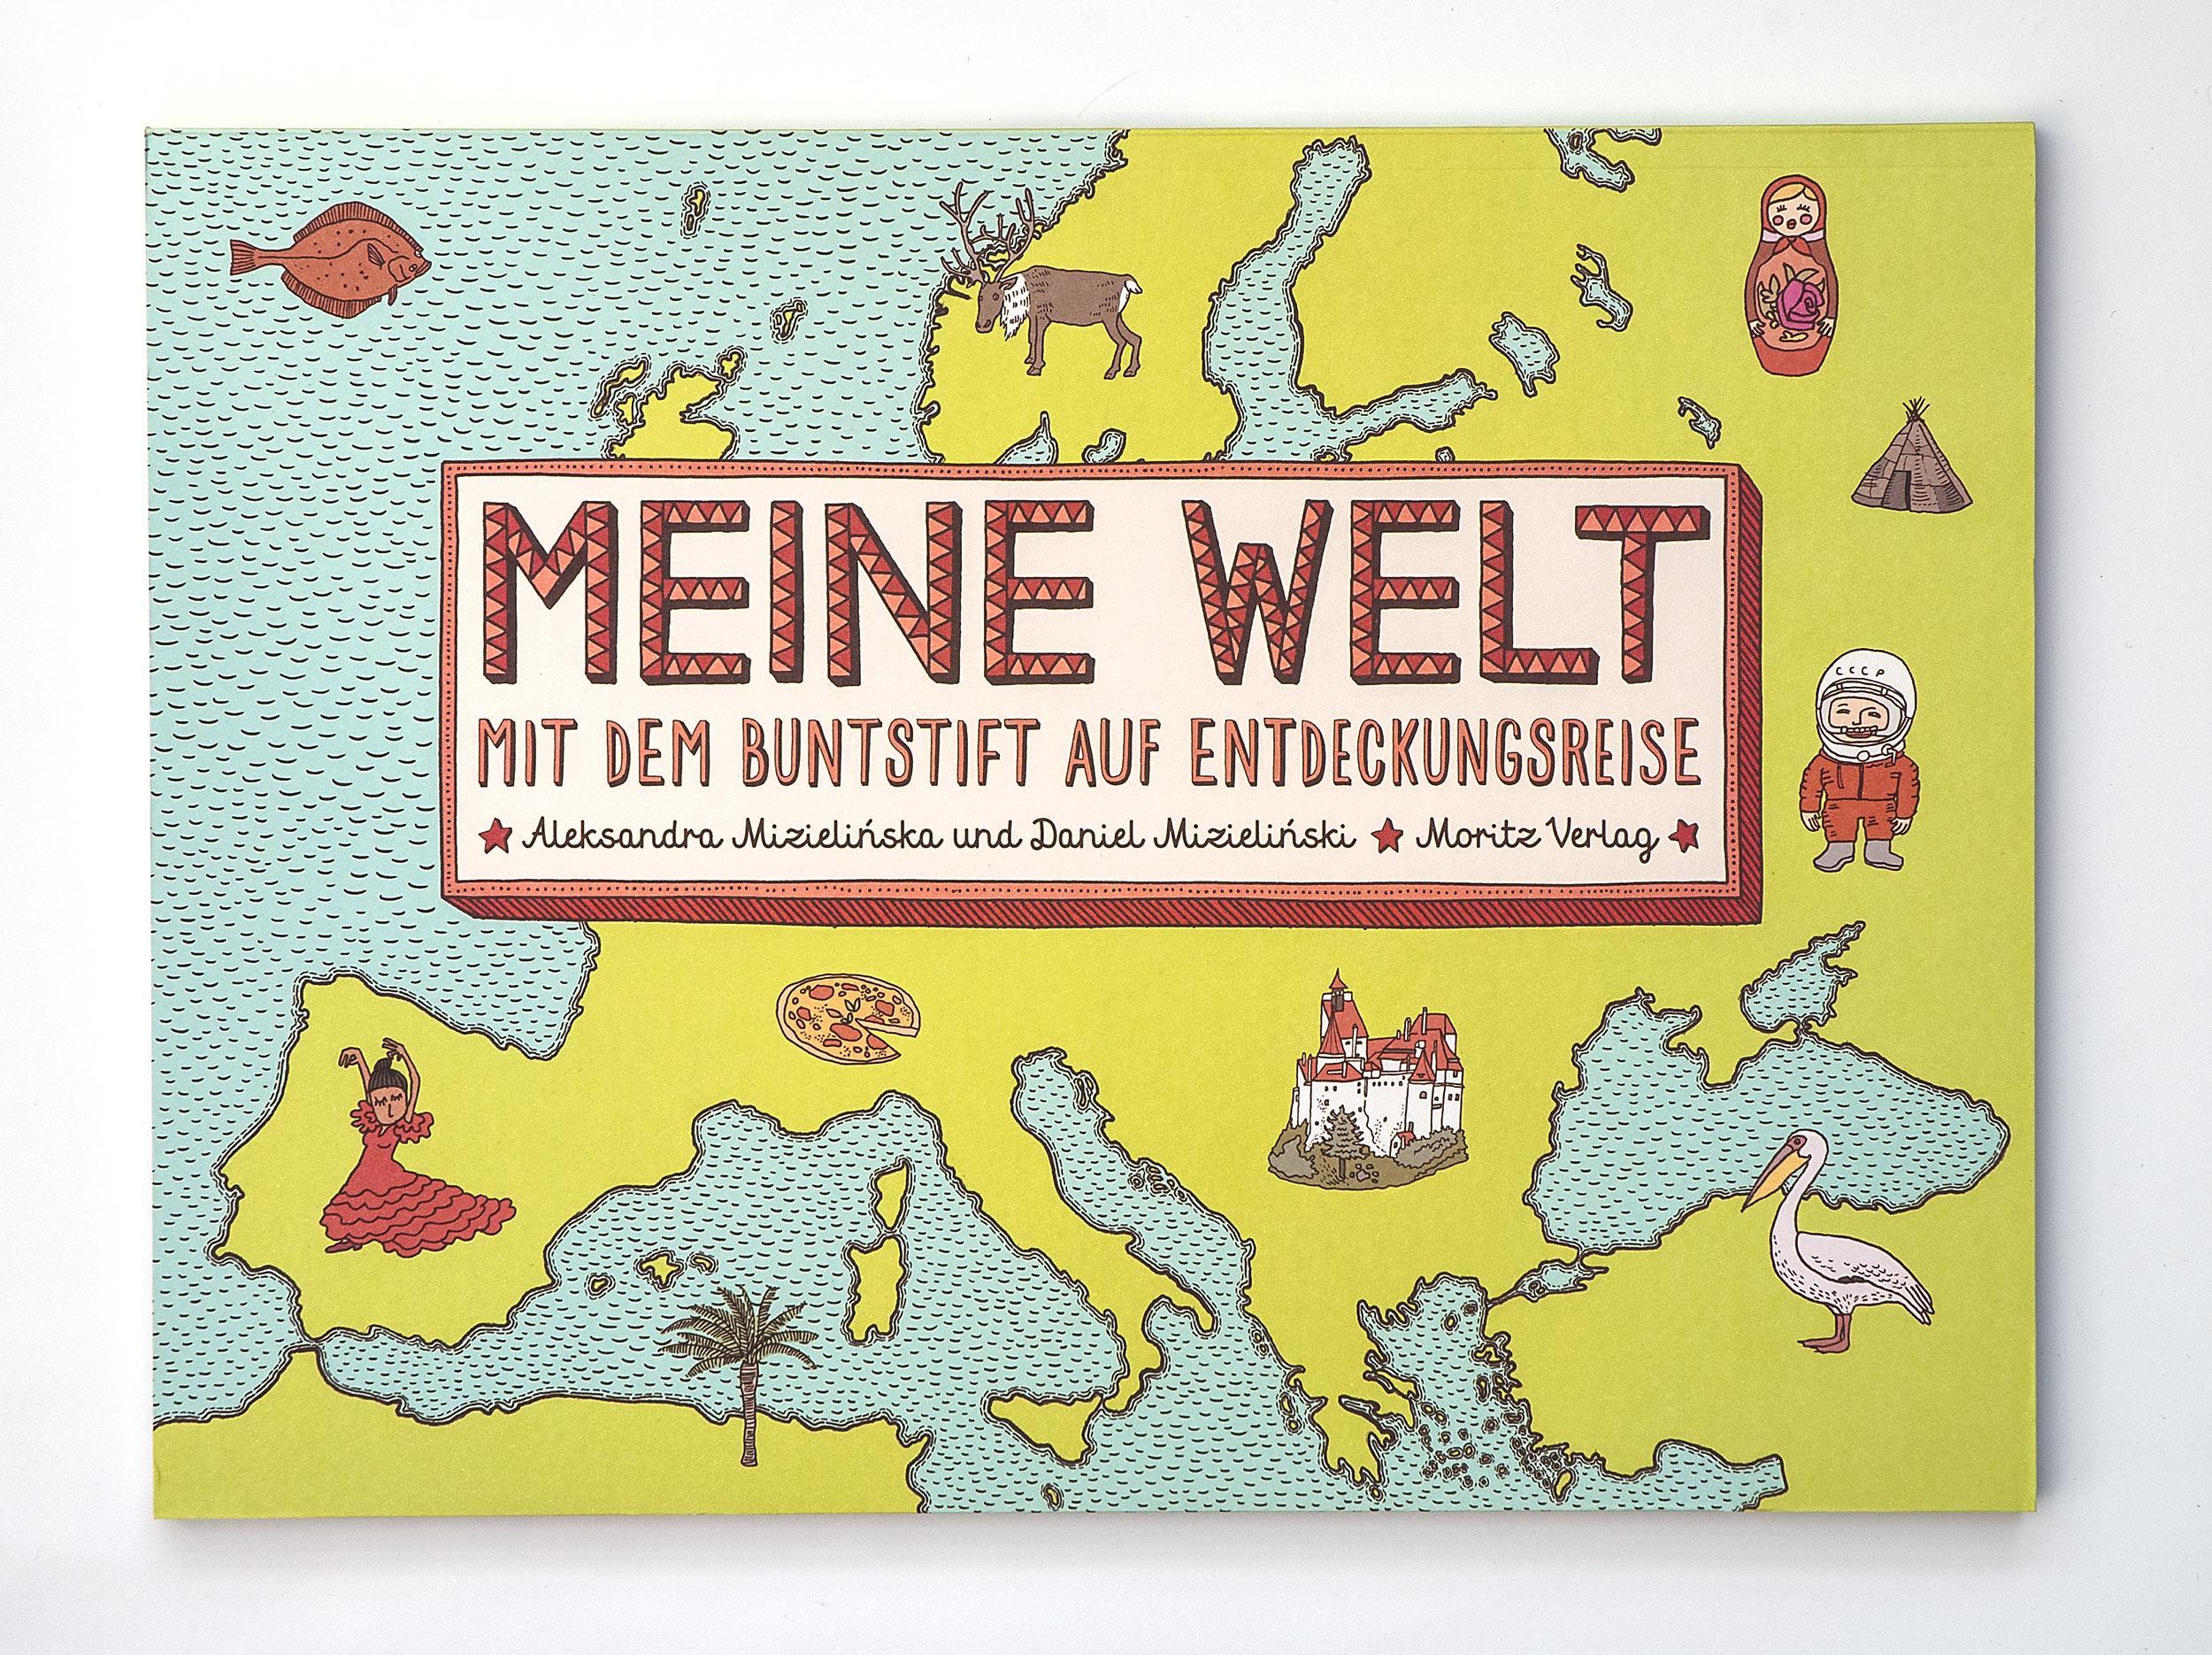 Meine Welt, Moritz Verlag